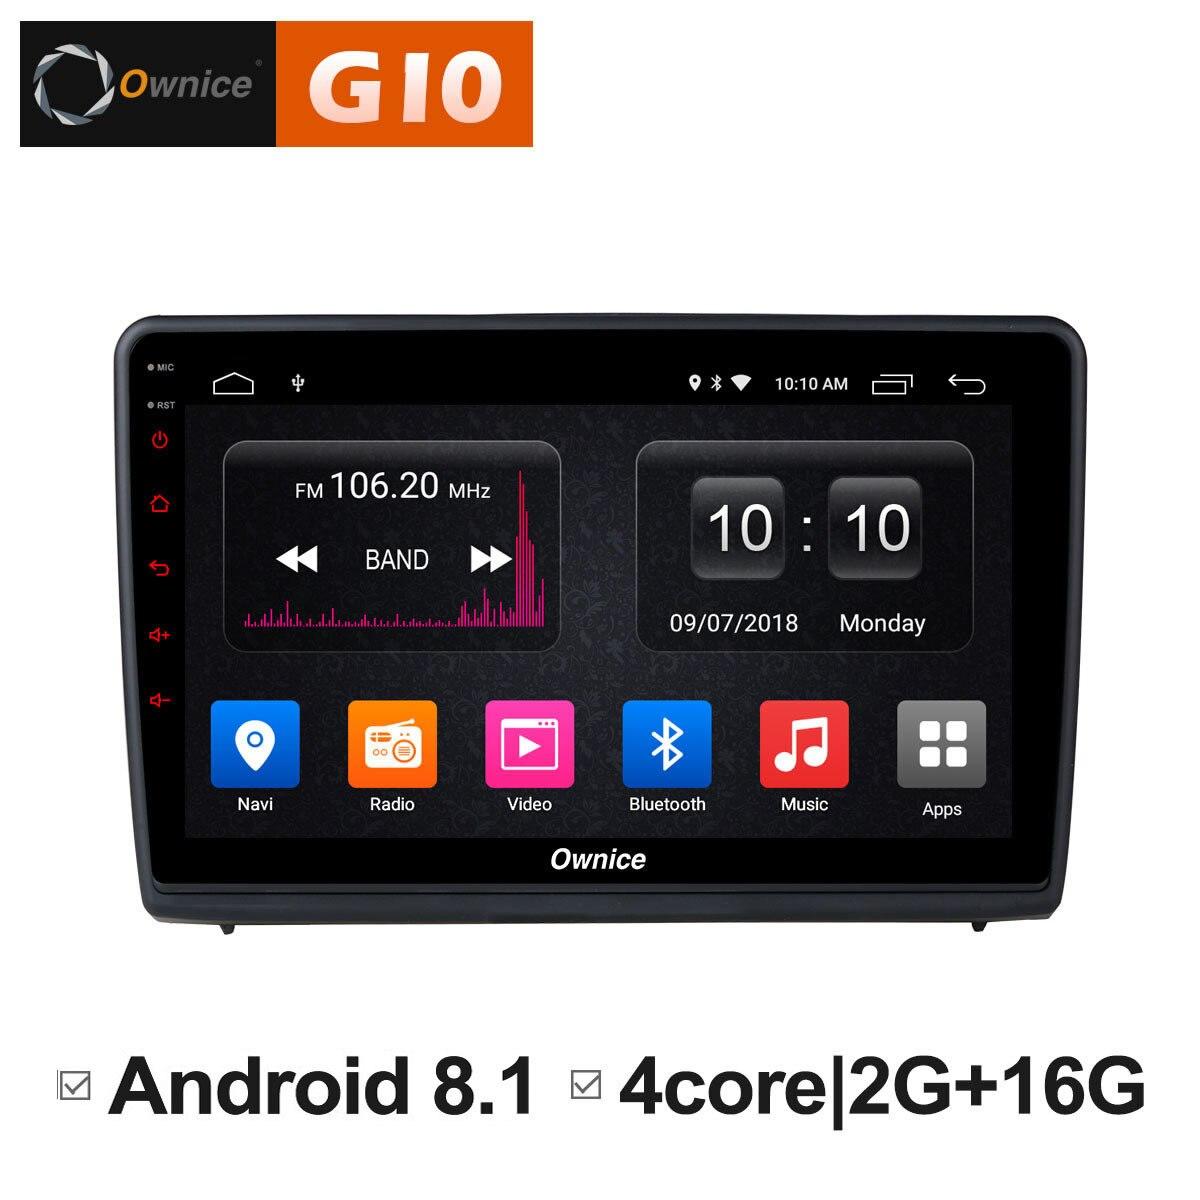 Авто Радио стерео для Ford Ecosport 2018 автомобиль Android 8,1 блок dvd gps навигация Радио Видео Музыка Мультимедиа DVD плеер